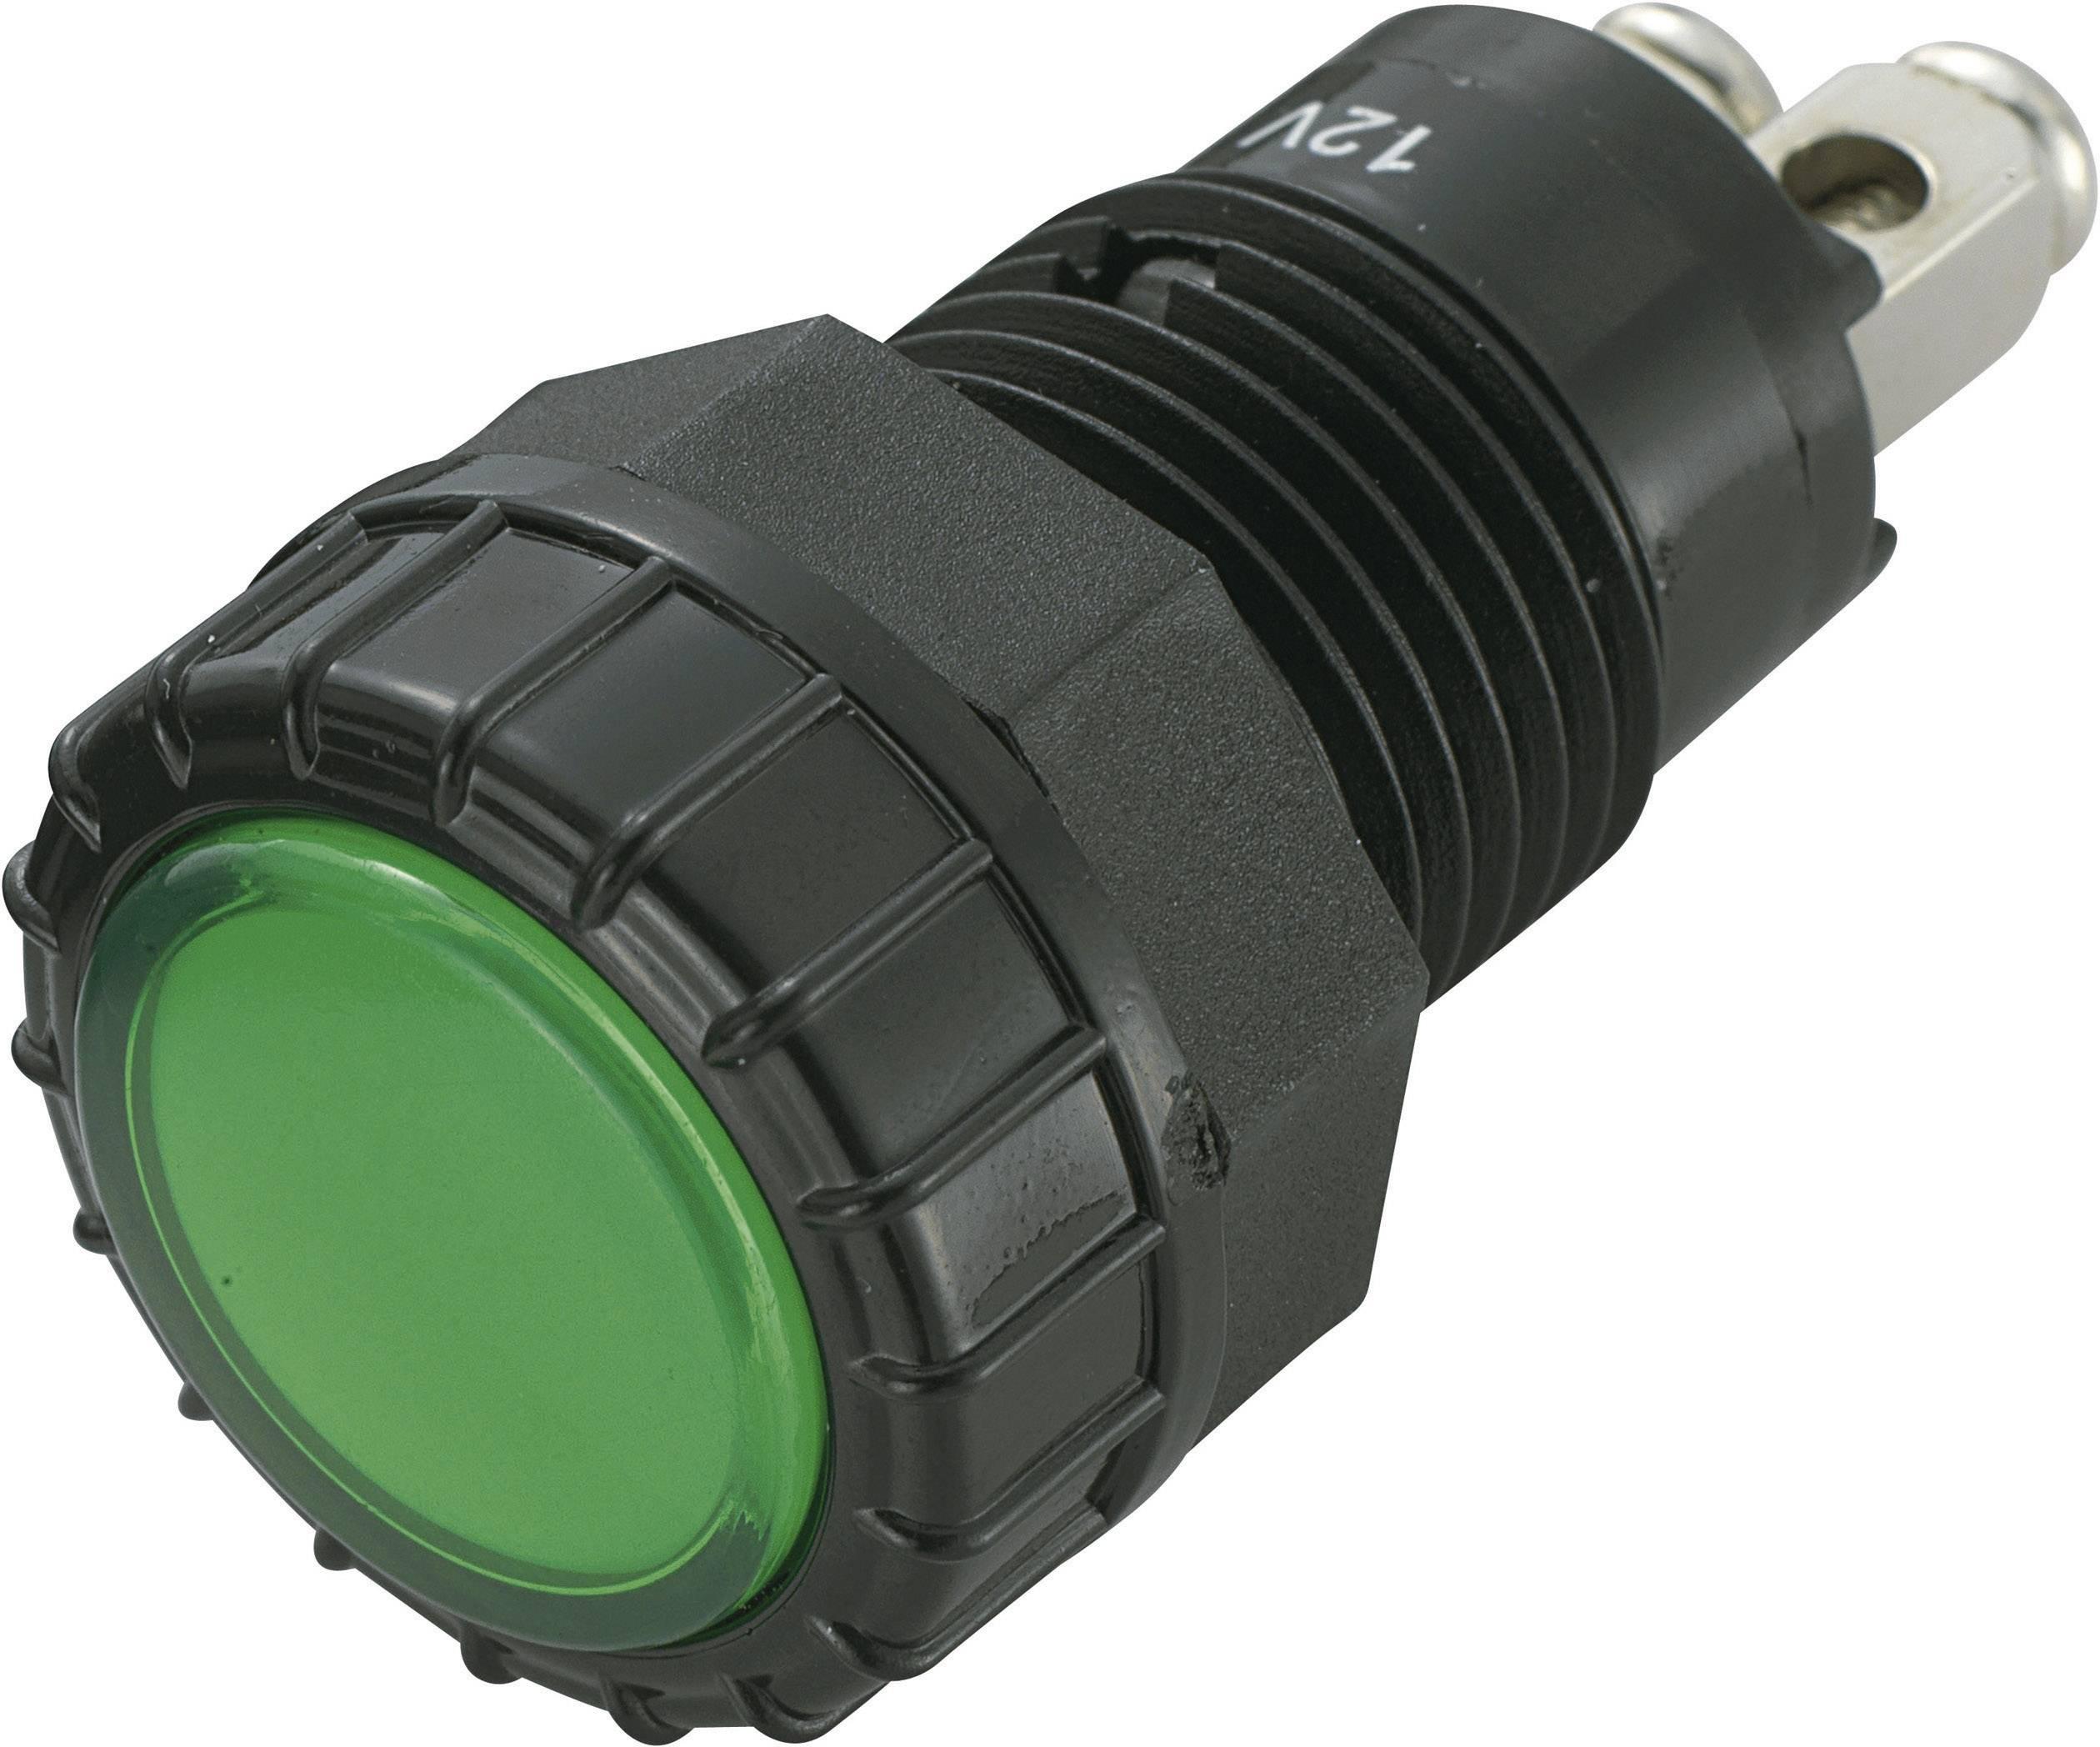 IndikačnéLED SCI R9-122L1-06-BGG4, 12 V/DC, zelená